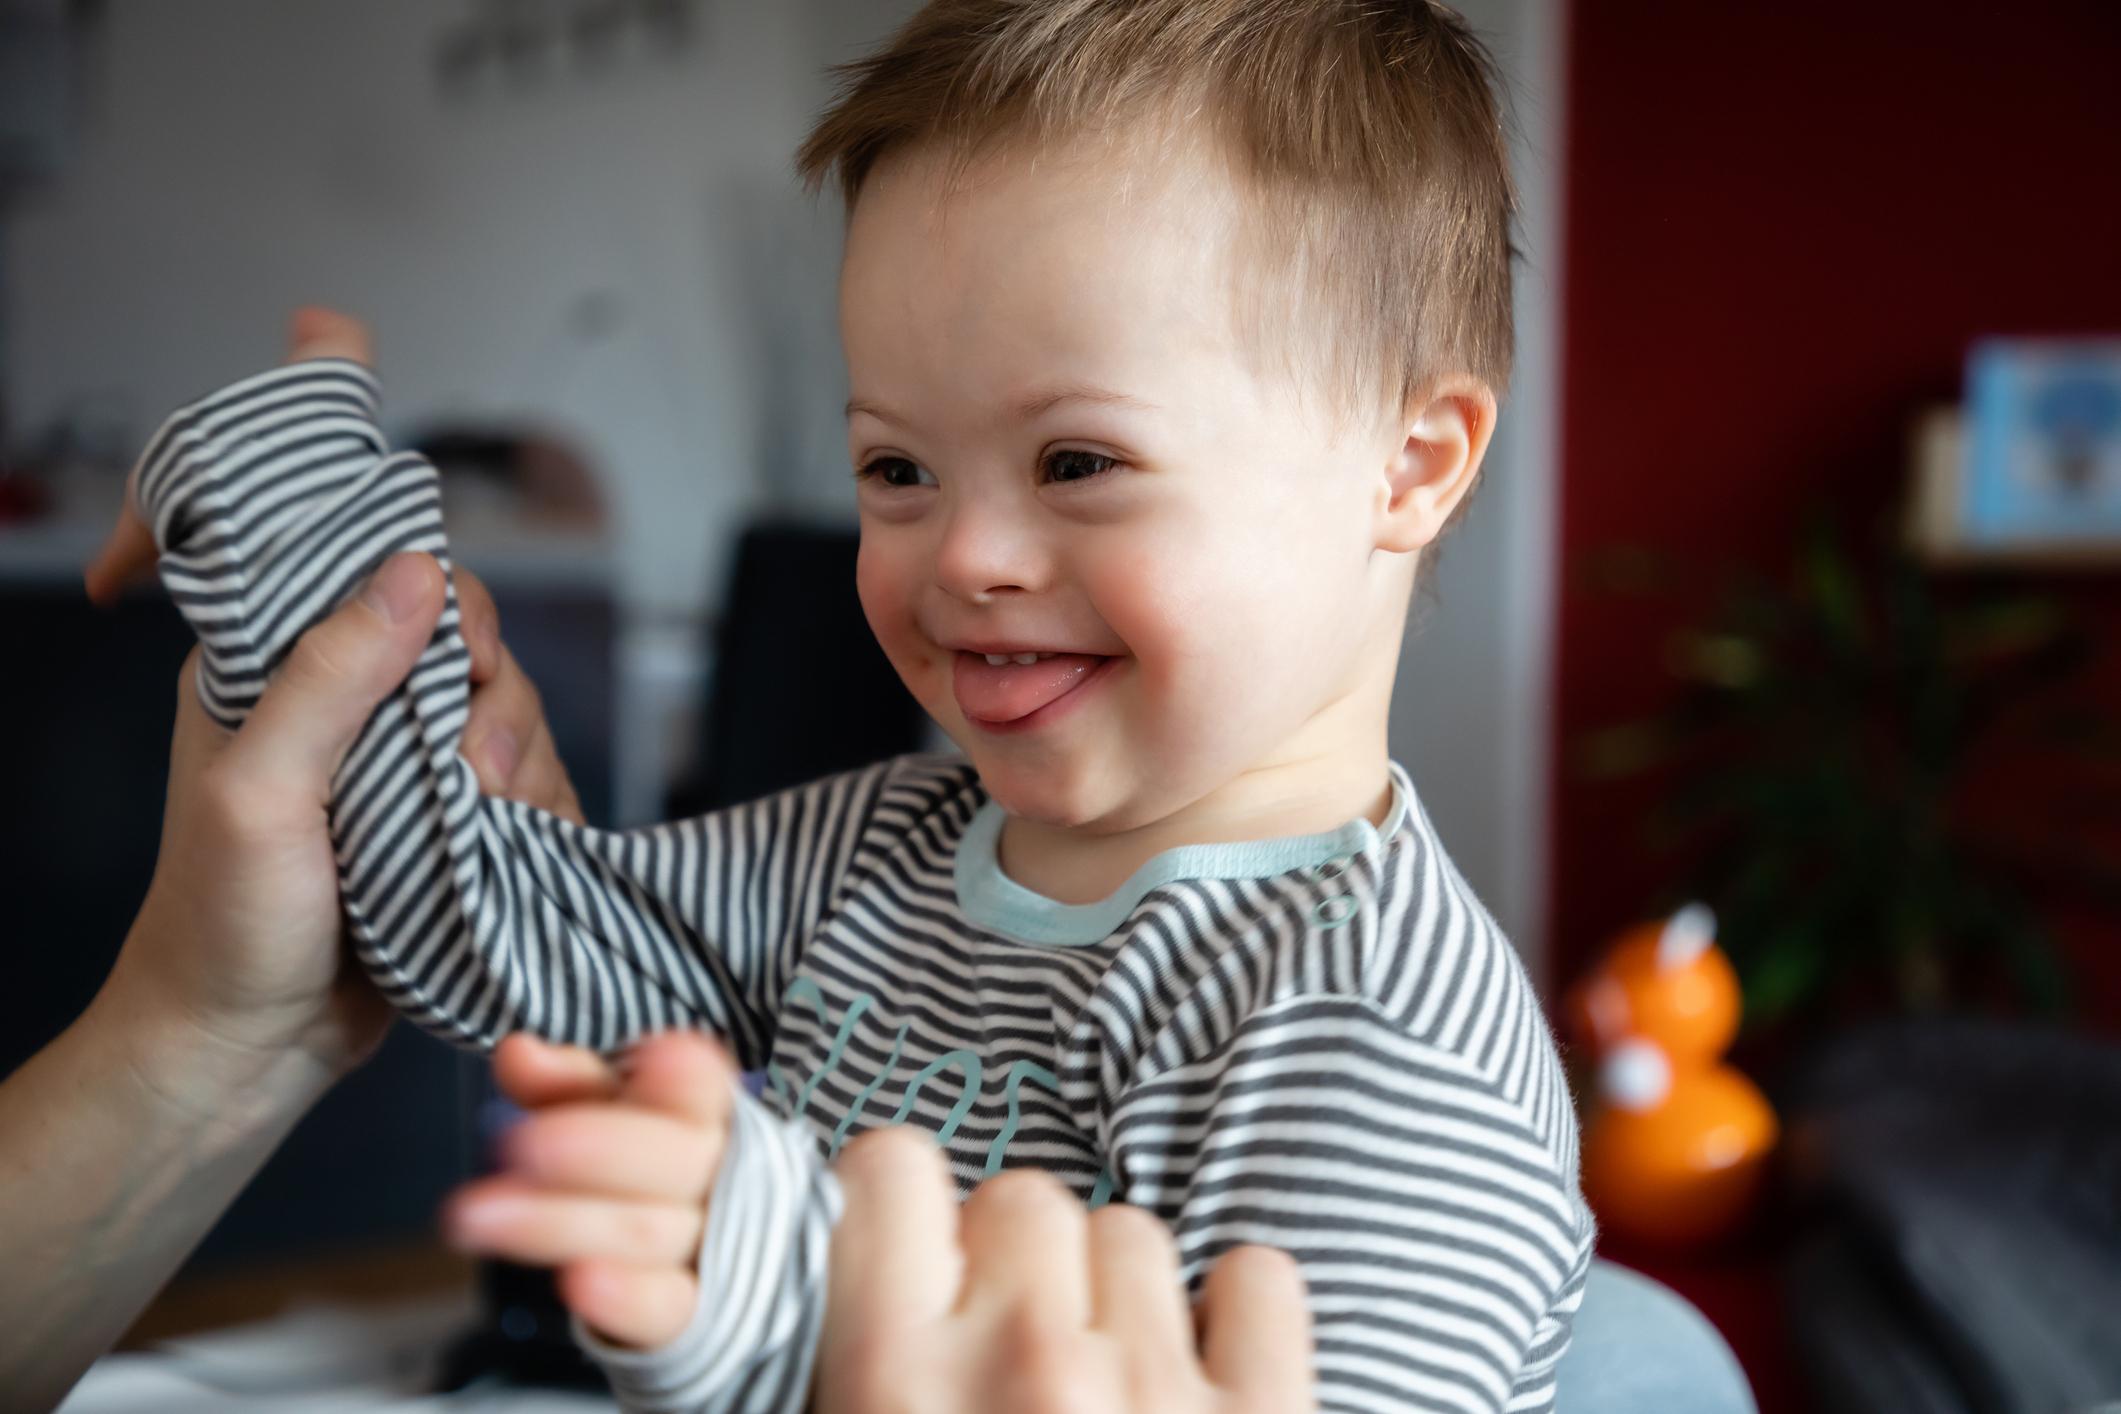 Britanija uvodi besplatan test za rano otkrivanje Downovog sindroma: 'Povećat će se broj pobačaja'